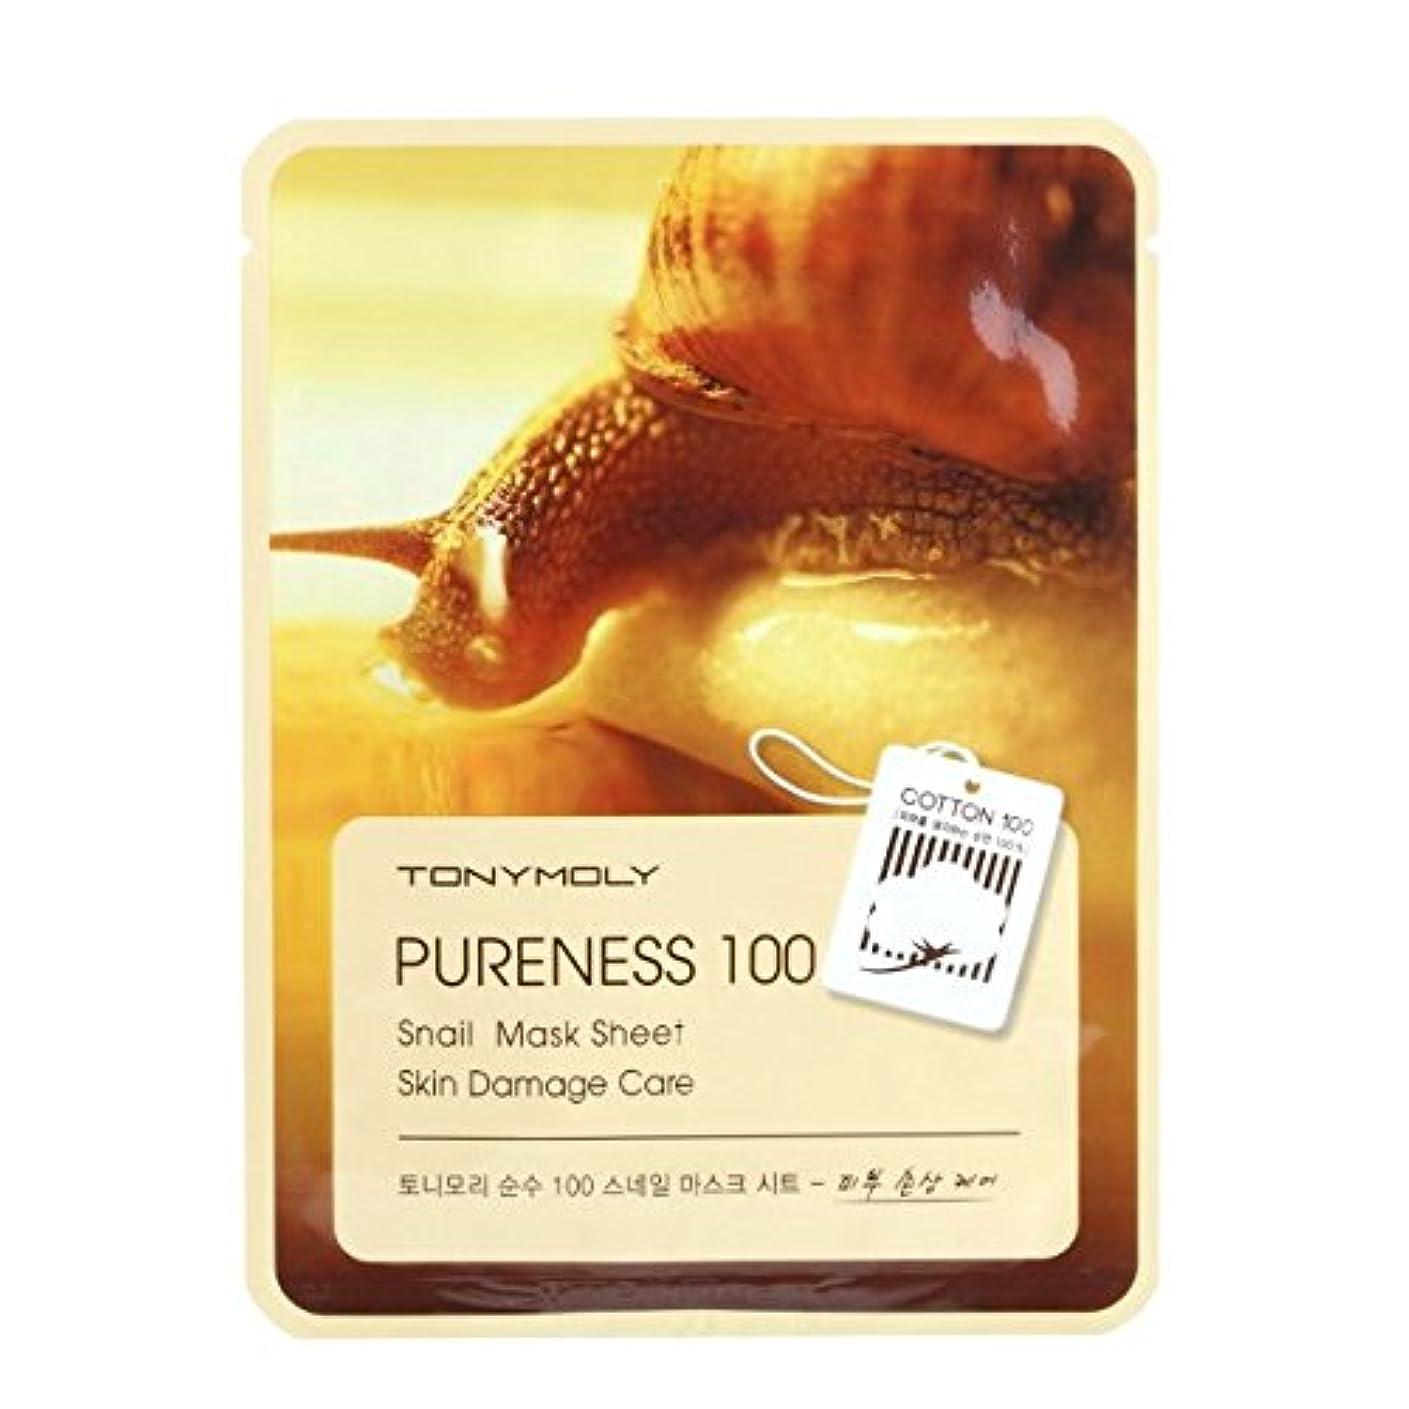 鎮痛剤ディーラー変装した(3 Pack) TONYMOLY Pureness 100 Snail Mask Sheet Skin Damage Care (並行輸入品)